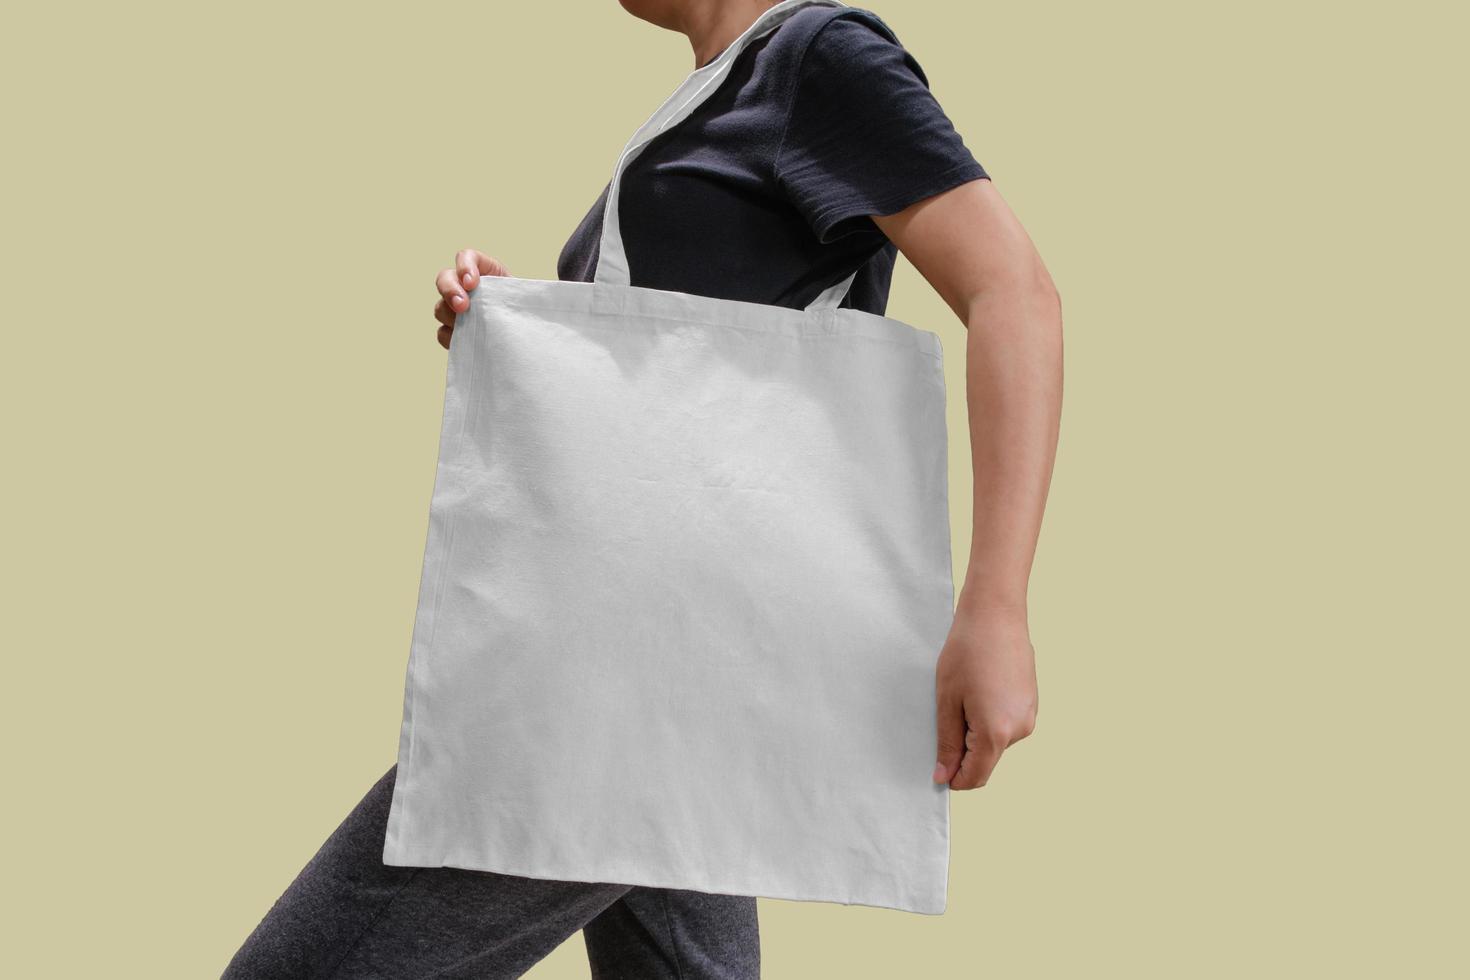 Frau hält Stoff Einkaufstasche für Modell foto